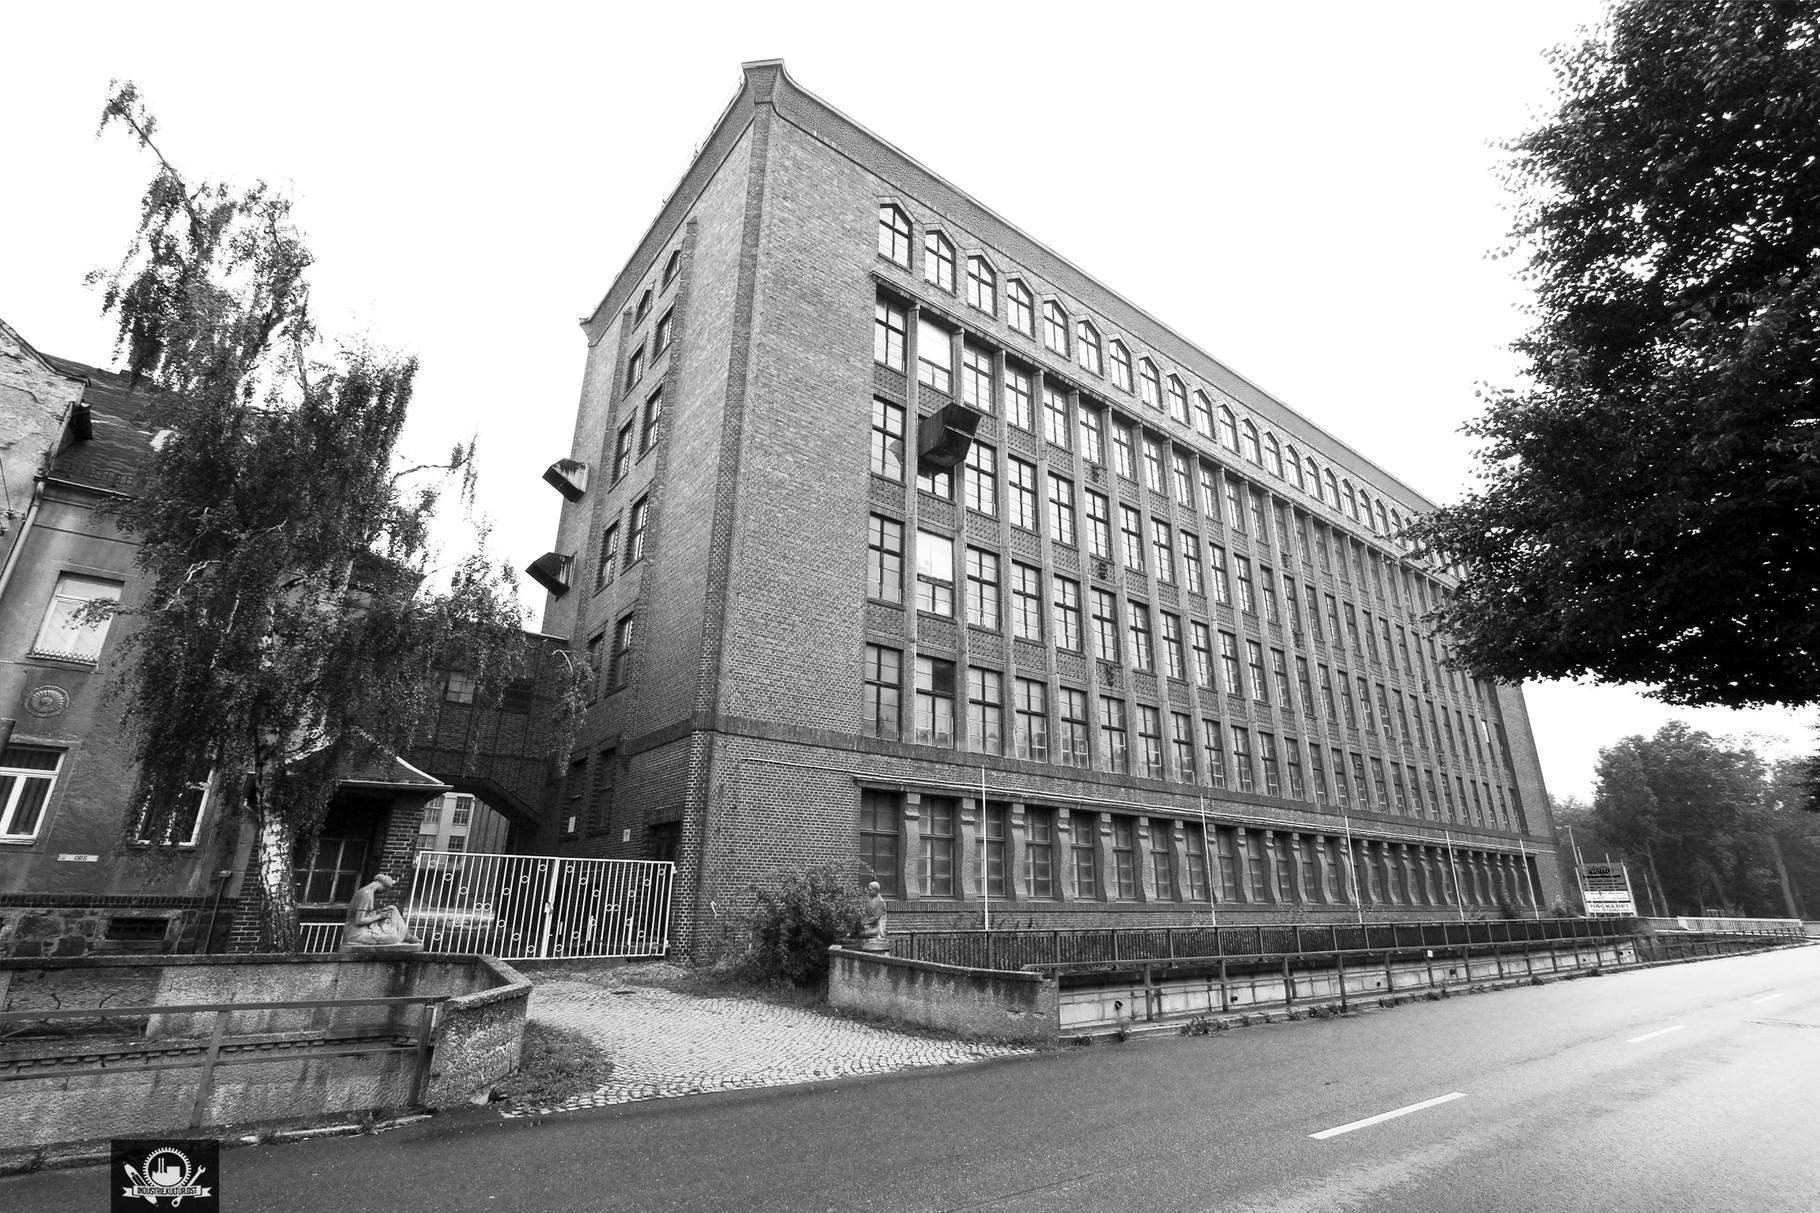 Strumpffabrik F.Tauscher - Oberlungwitz